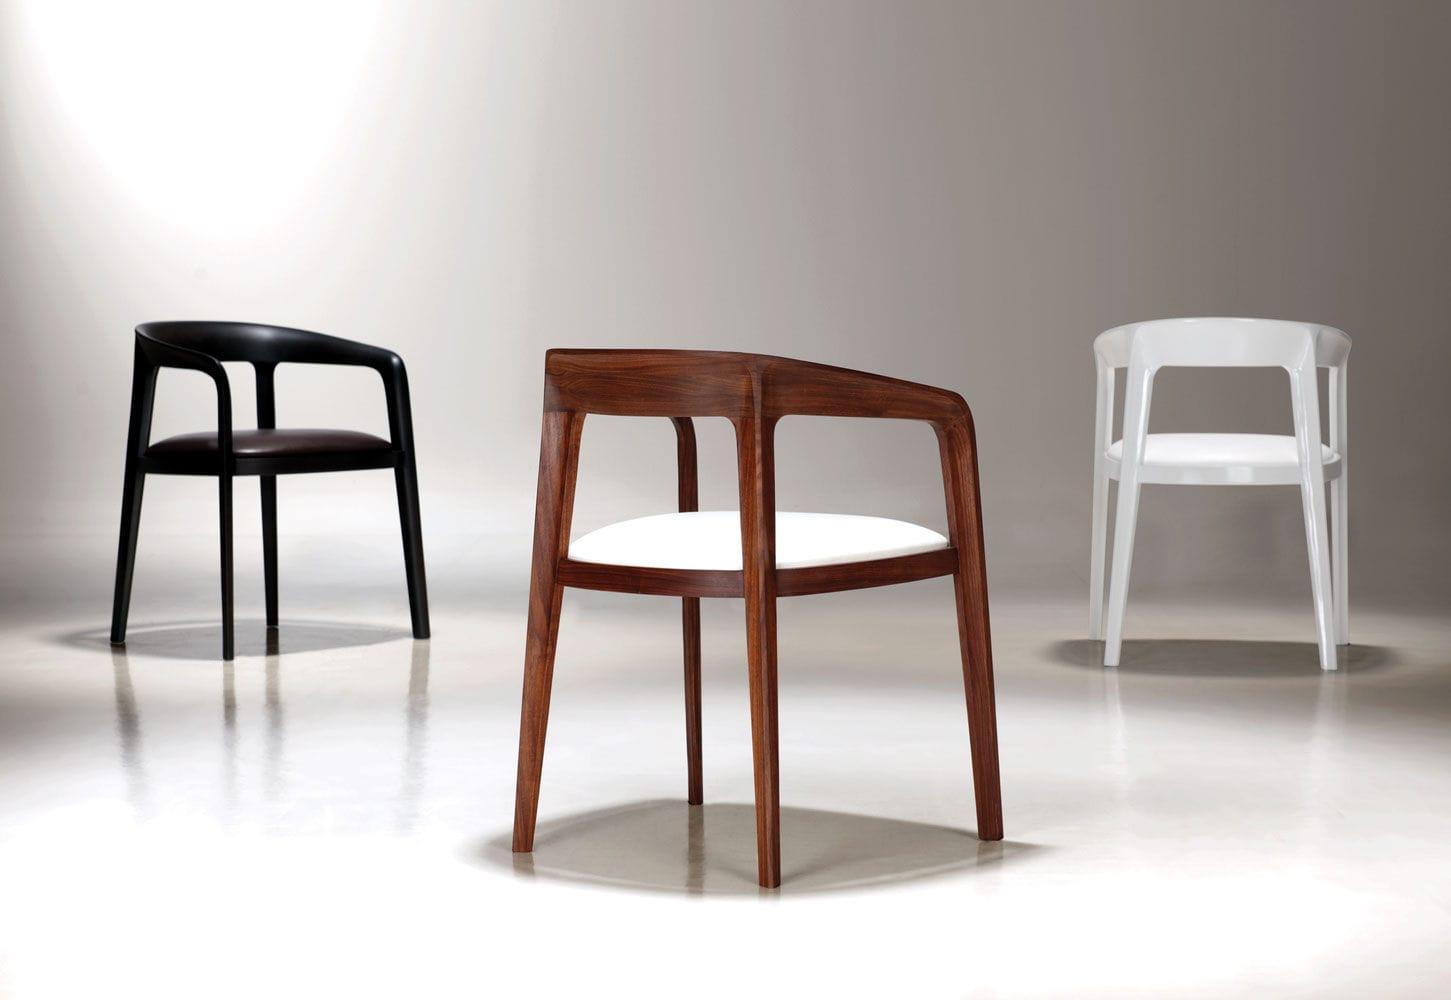 Sedie In Legno Con Braccioli : Sedia visitatore moderna con braccioli imbottita in legno